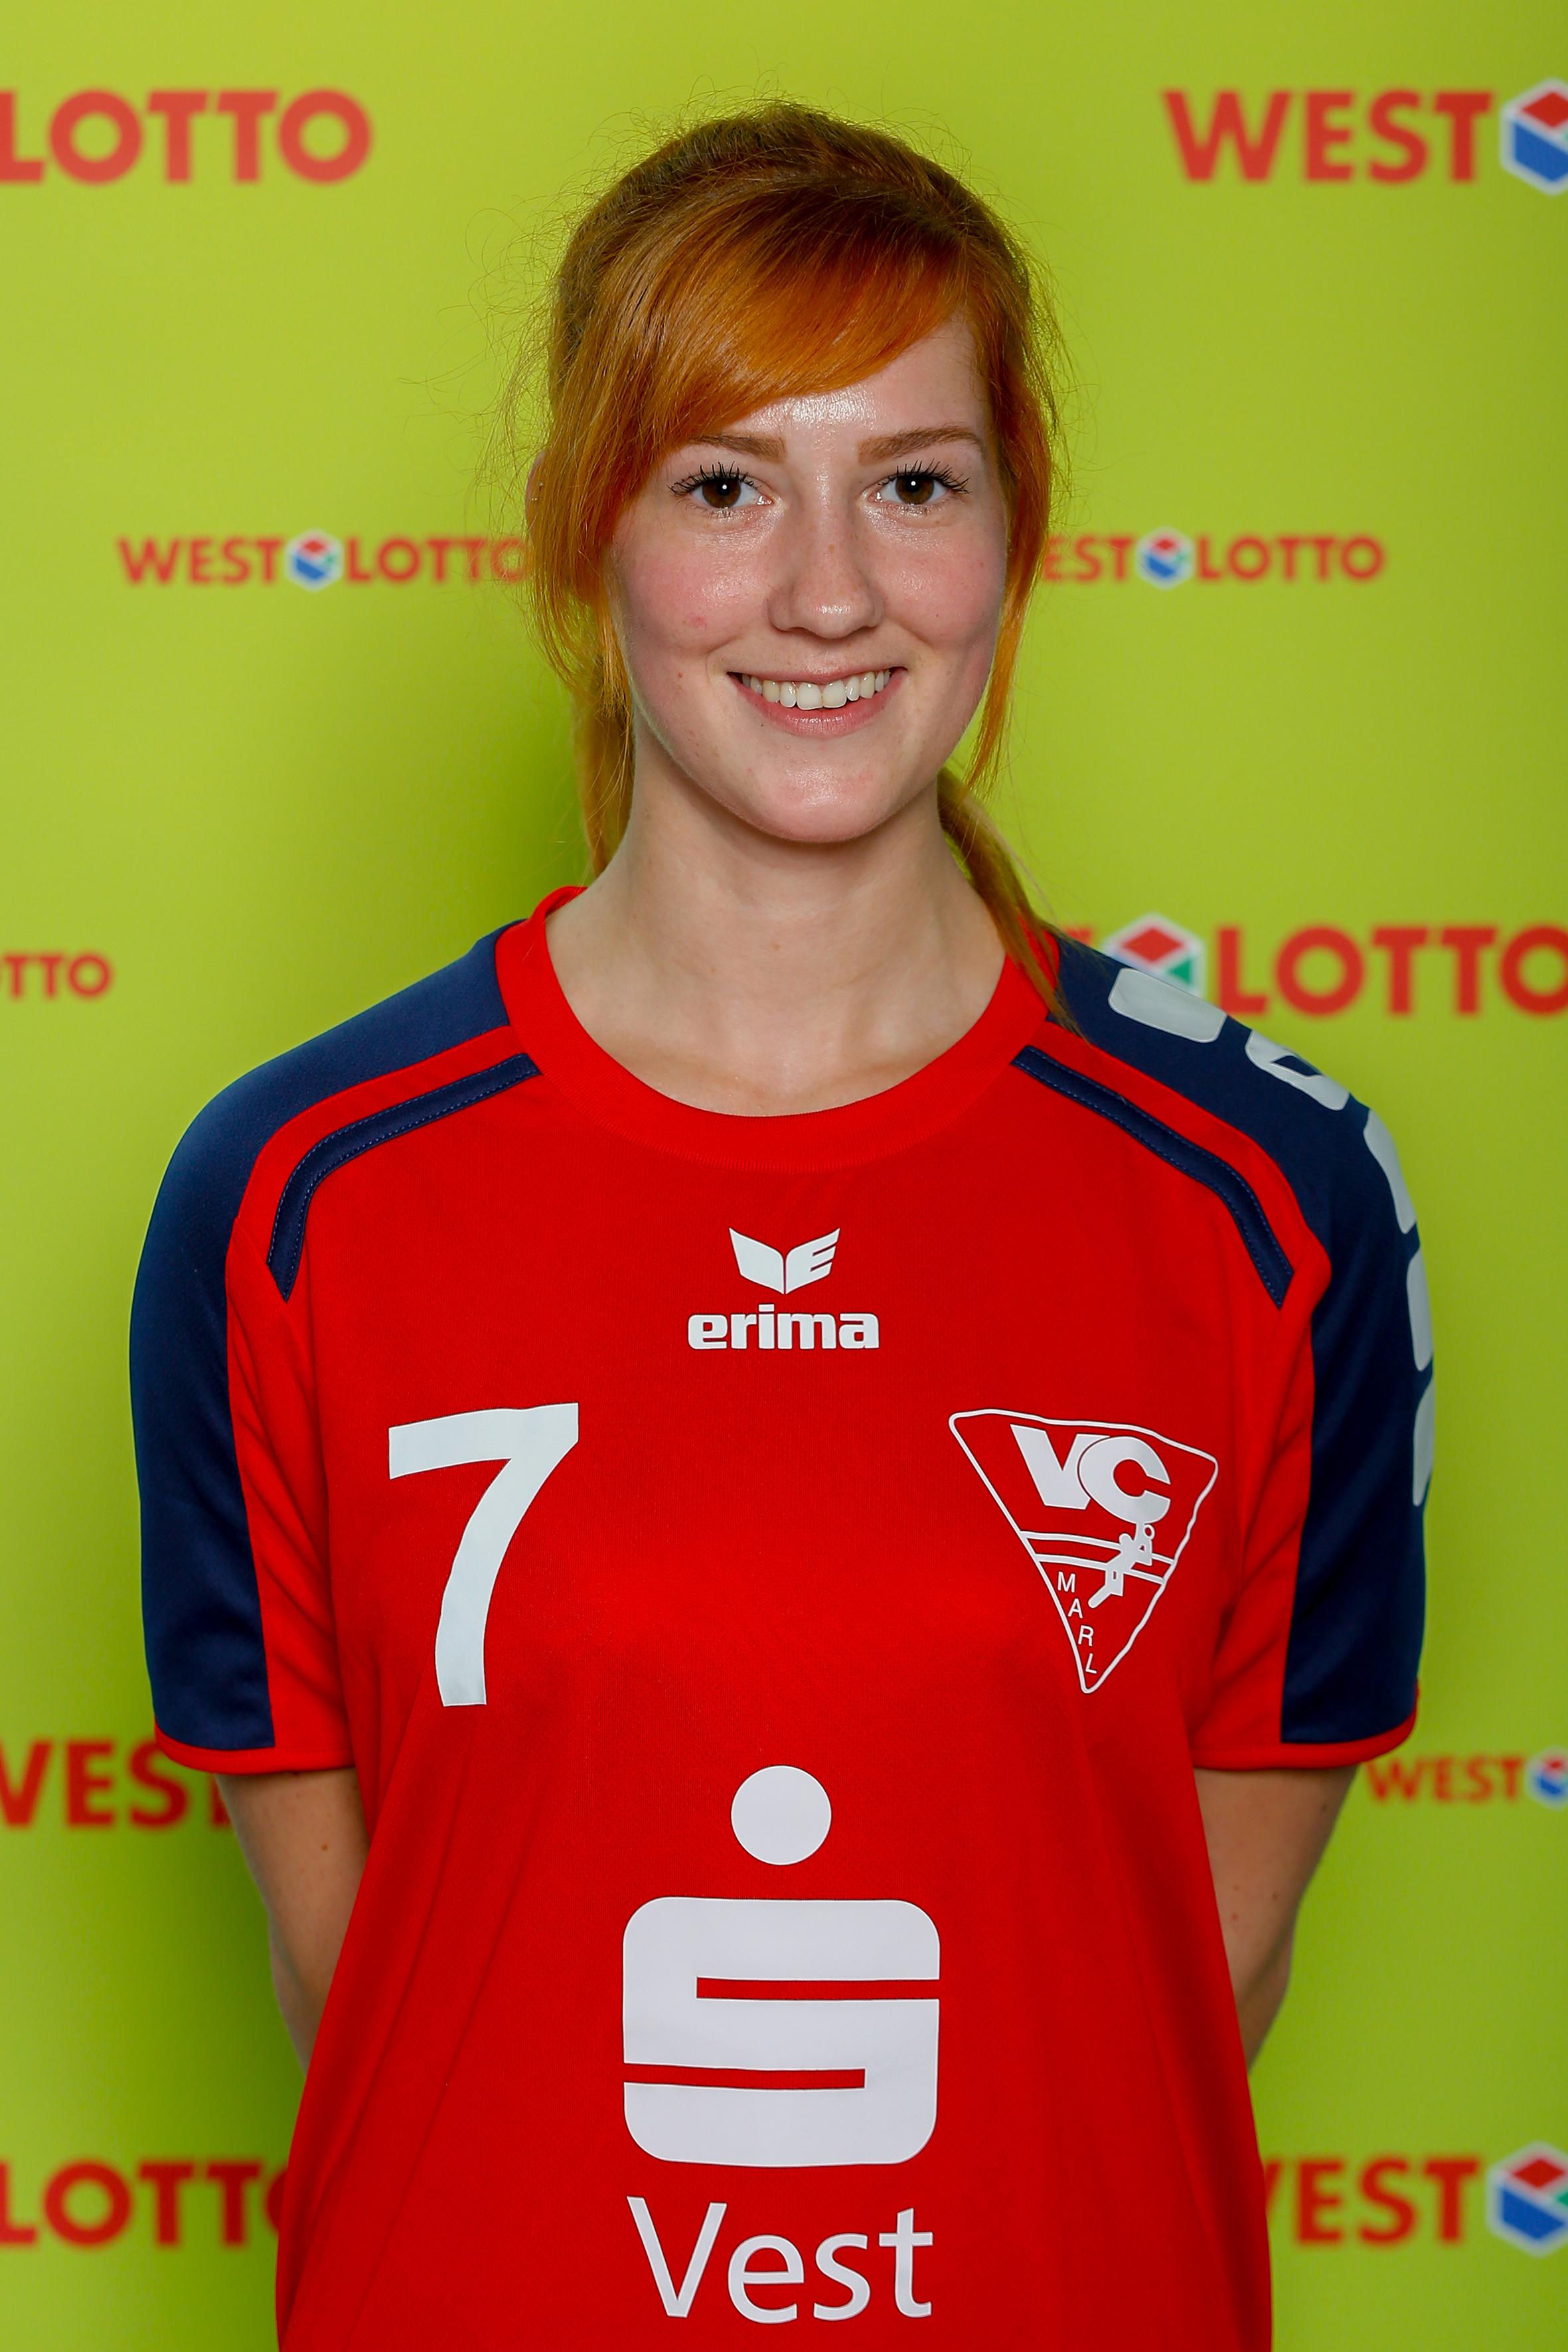 Annika Kopse